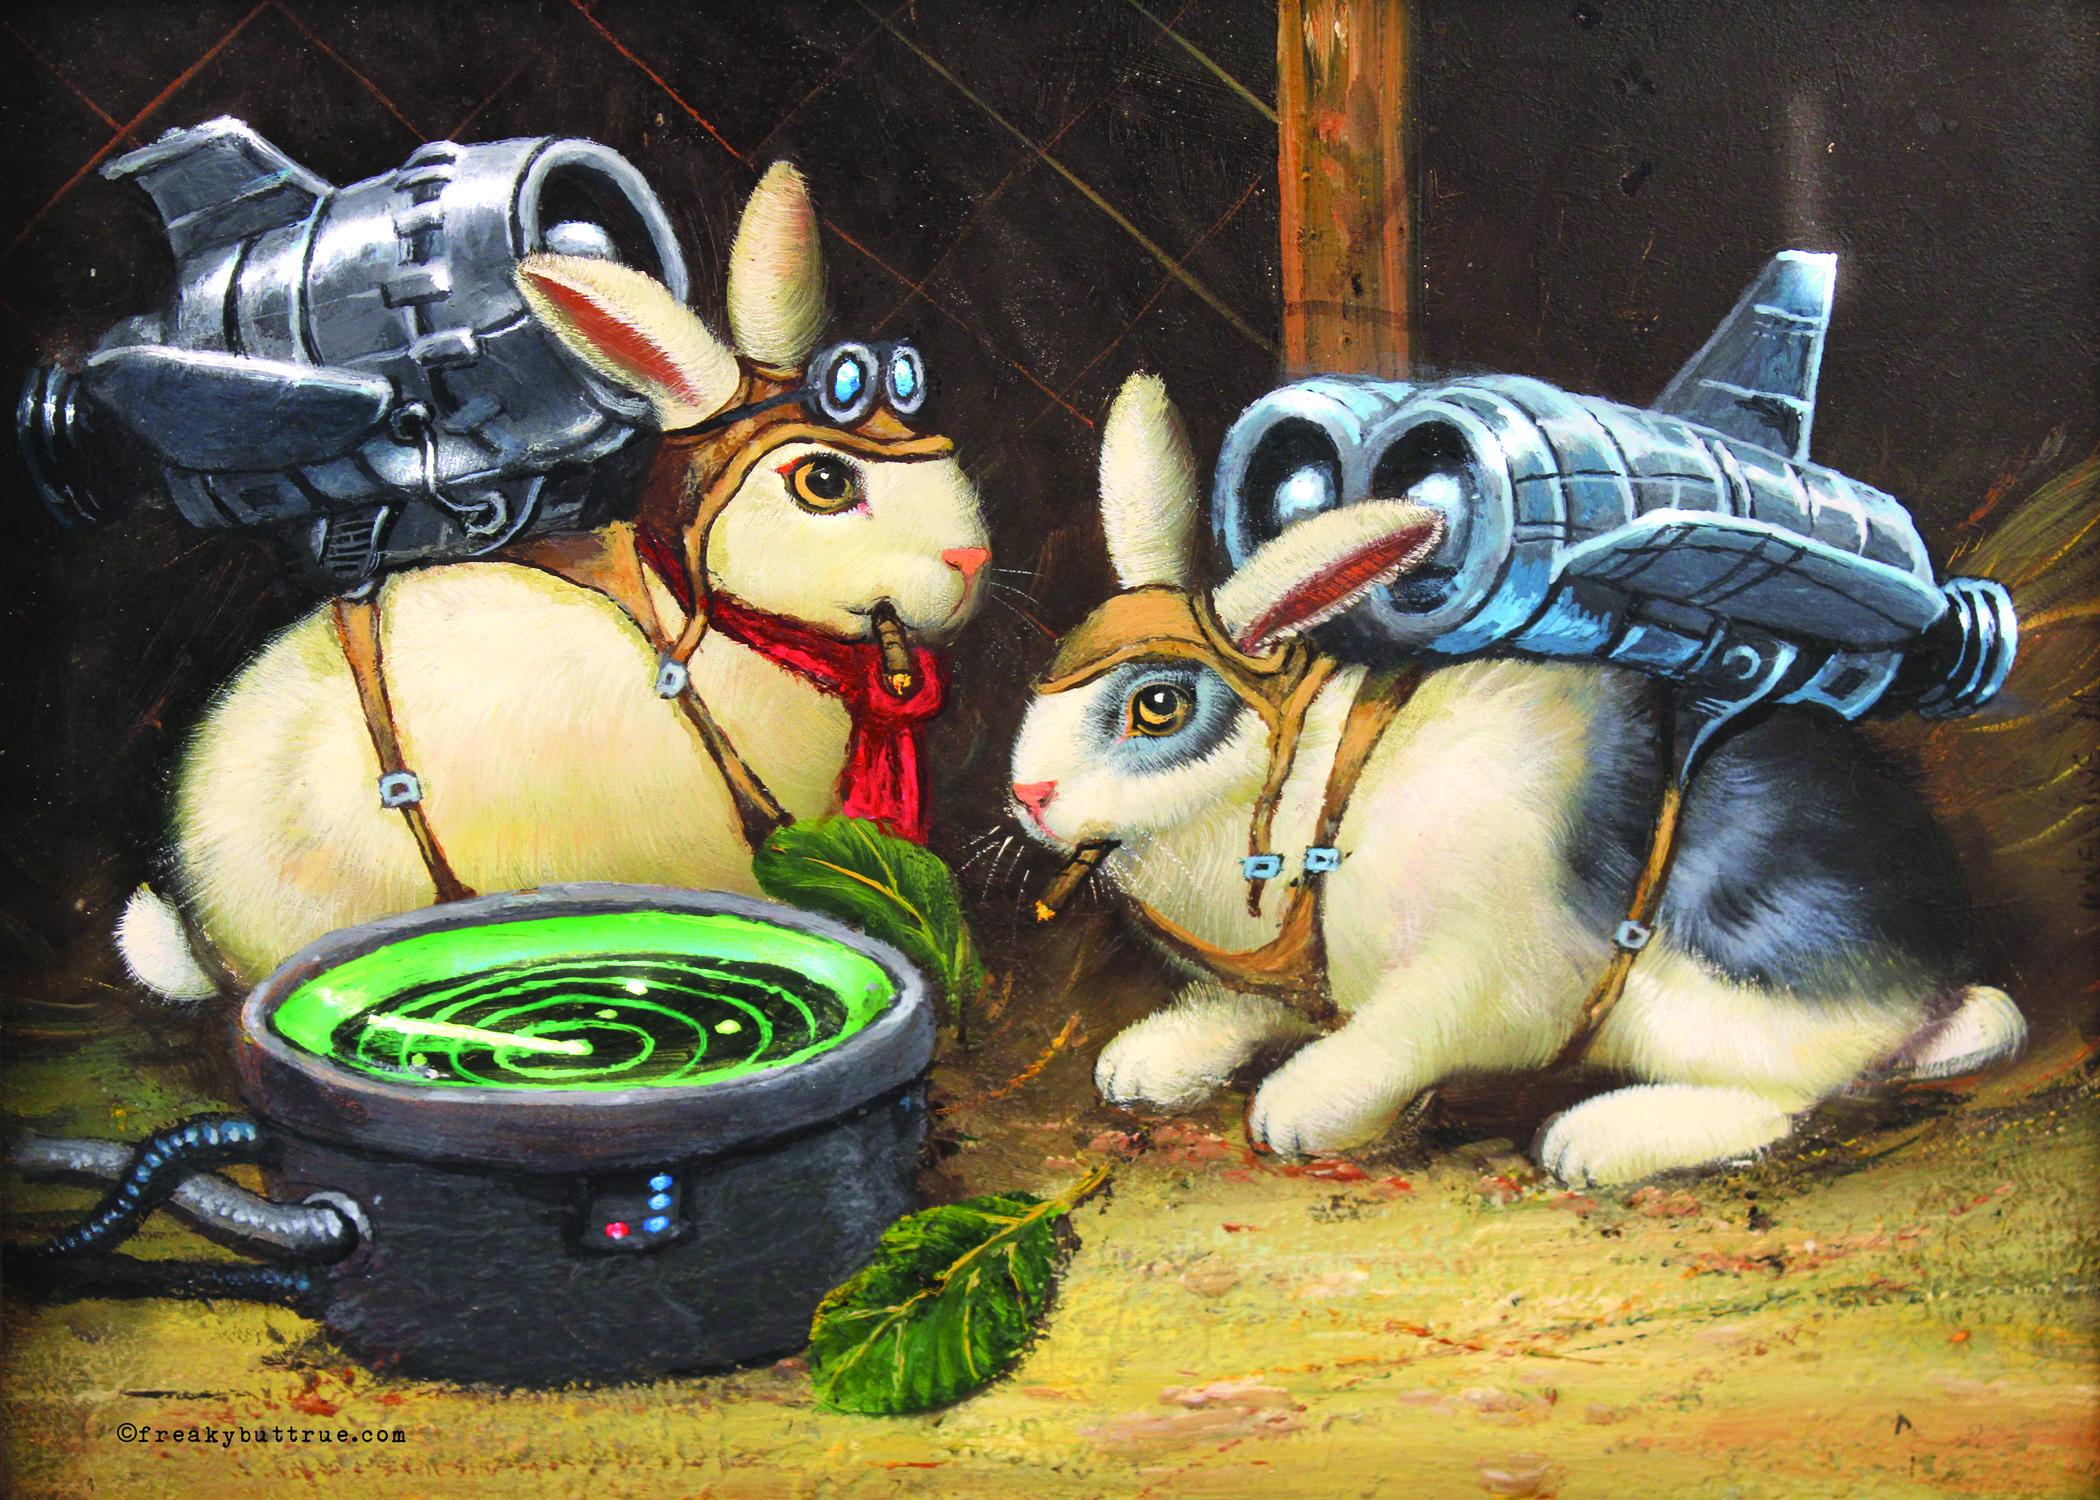 bunny5x7.jpg